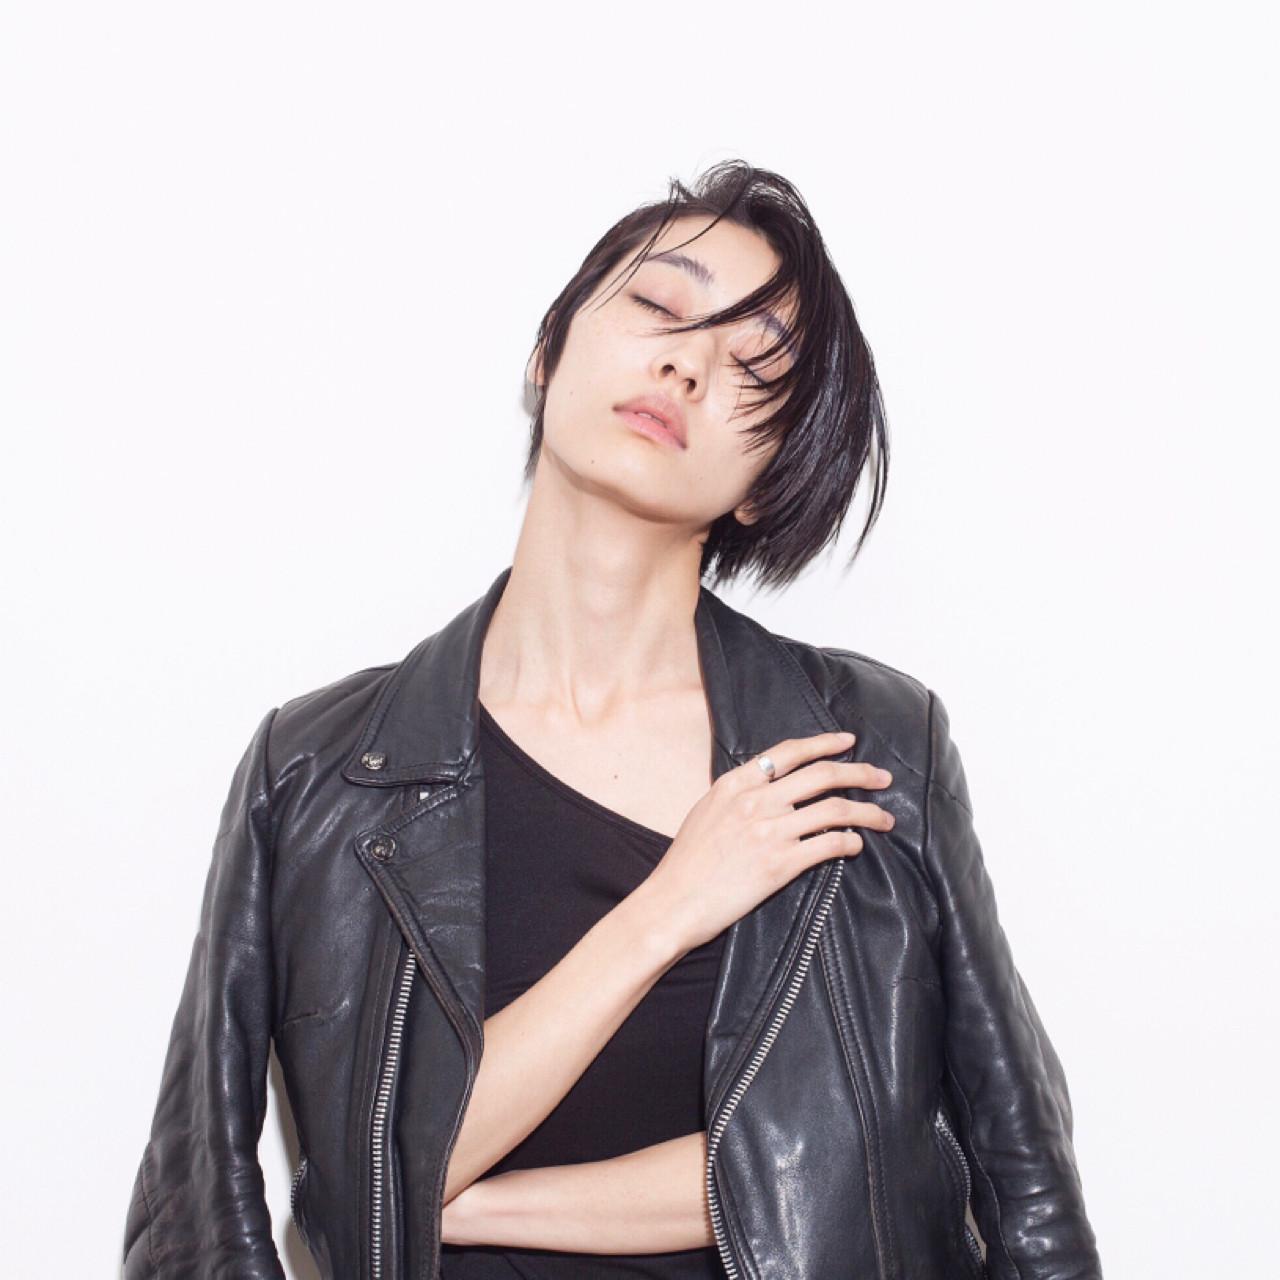 モード 小顔 前髪あり 黒髪 ヘアスタイルや髪型の写真・画像 | 芦原照成 / Nicole.